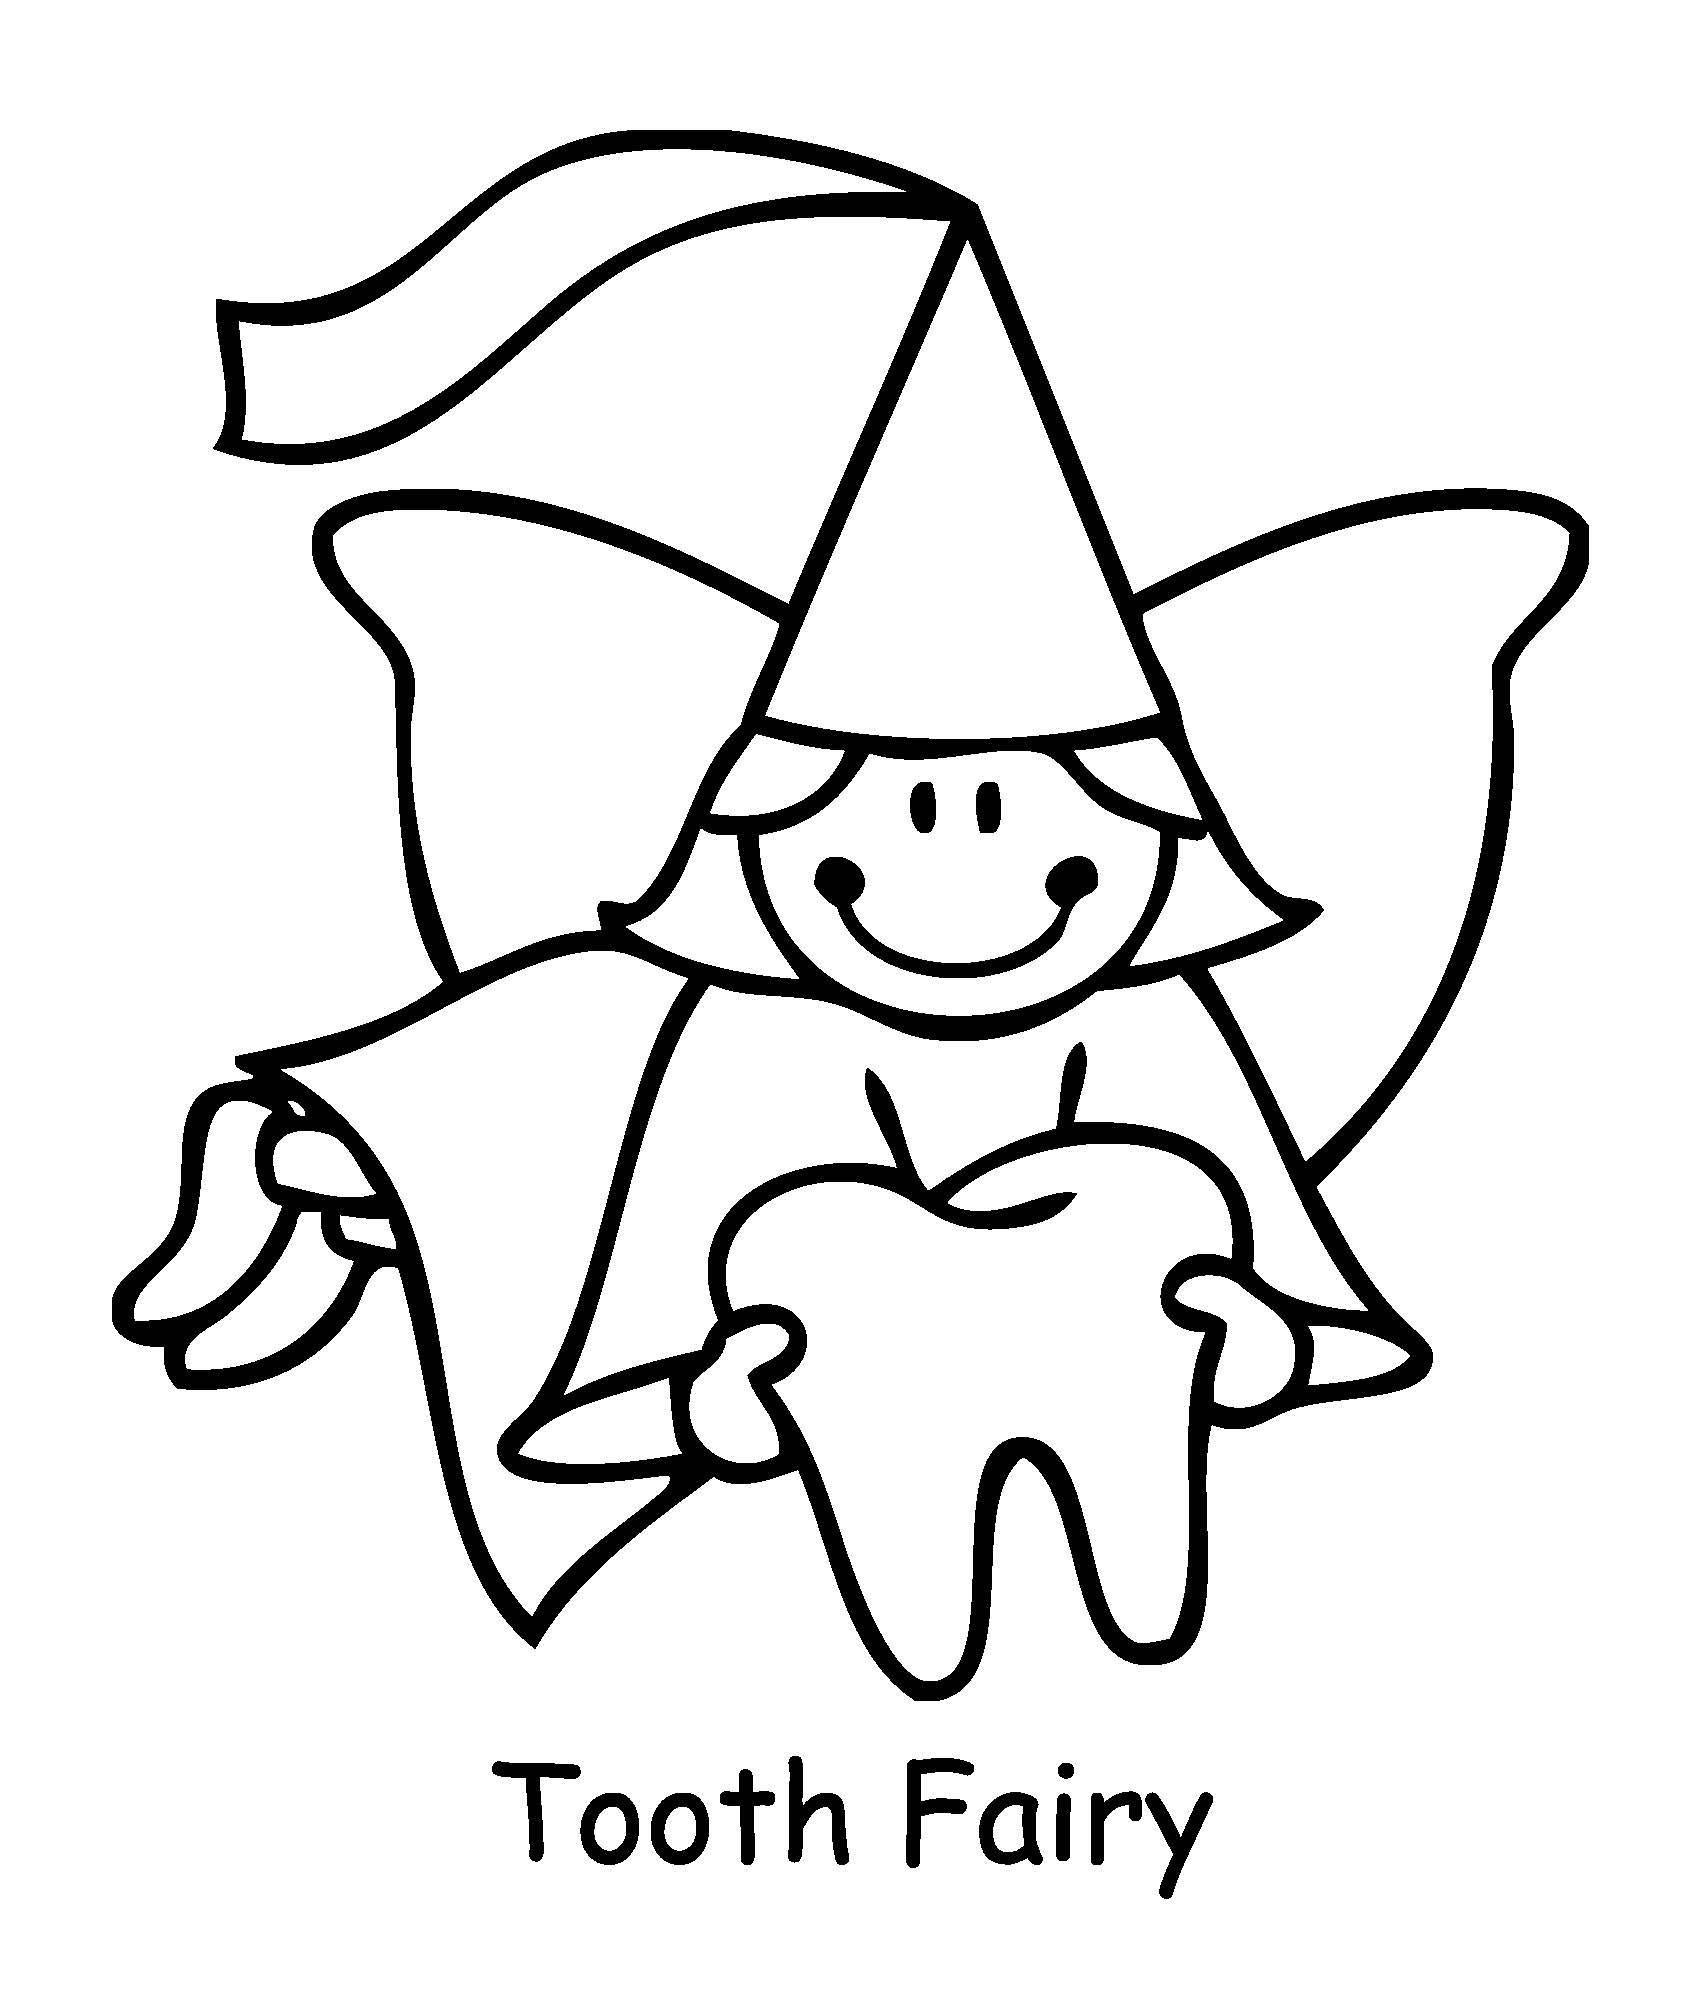 Kinder Malvorlagen Com Neu Malvorlagen Fur Kinder Ausmalbilder Zahn Kostenlos Page 3 3 Bild